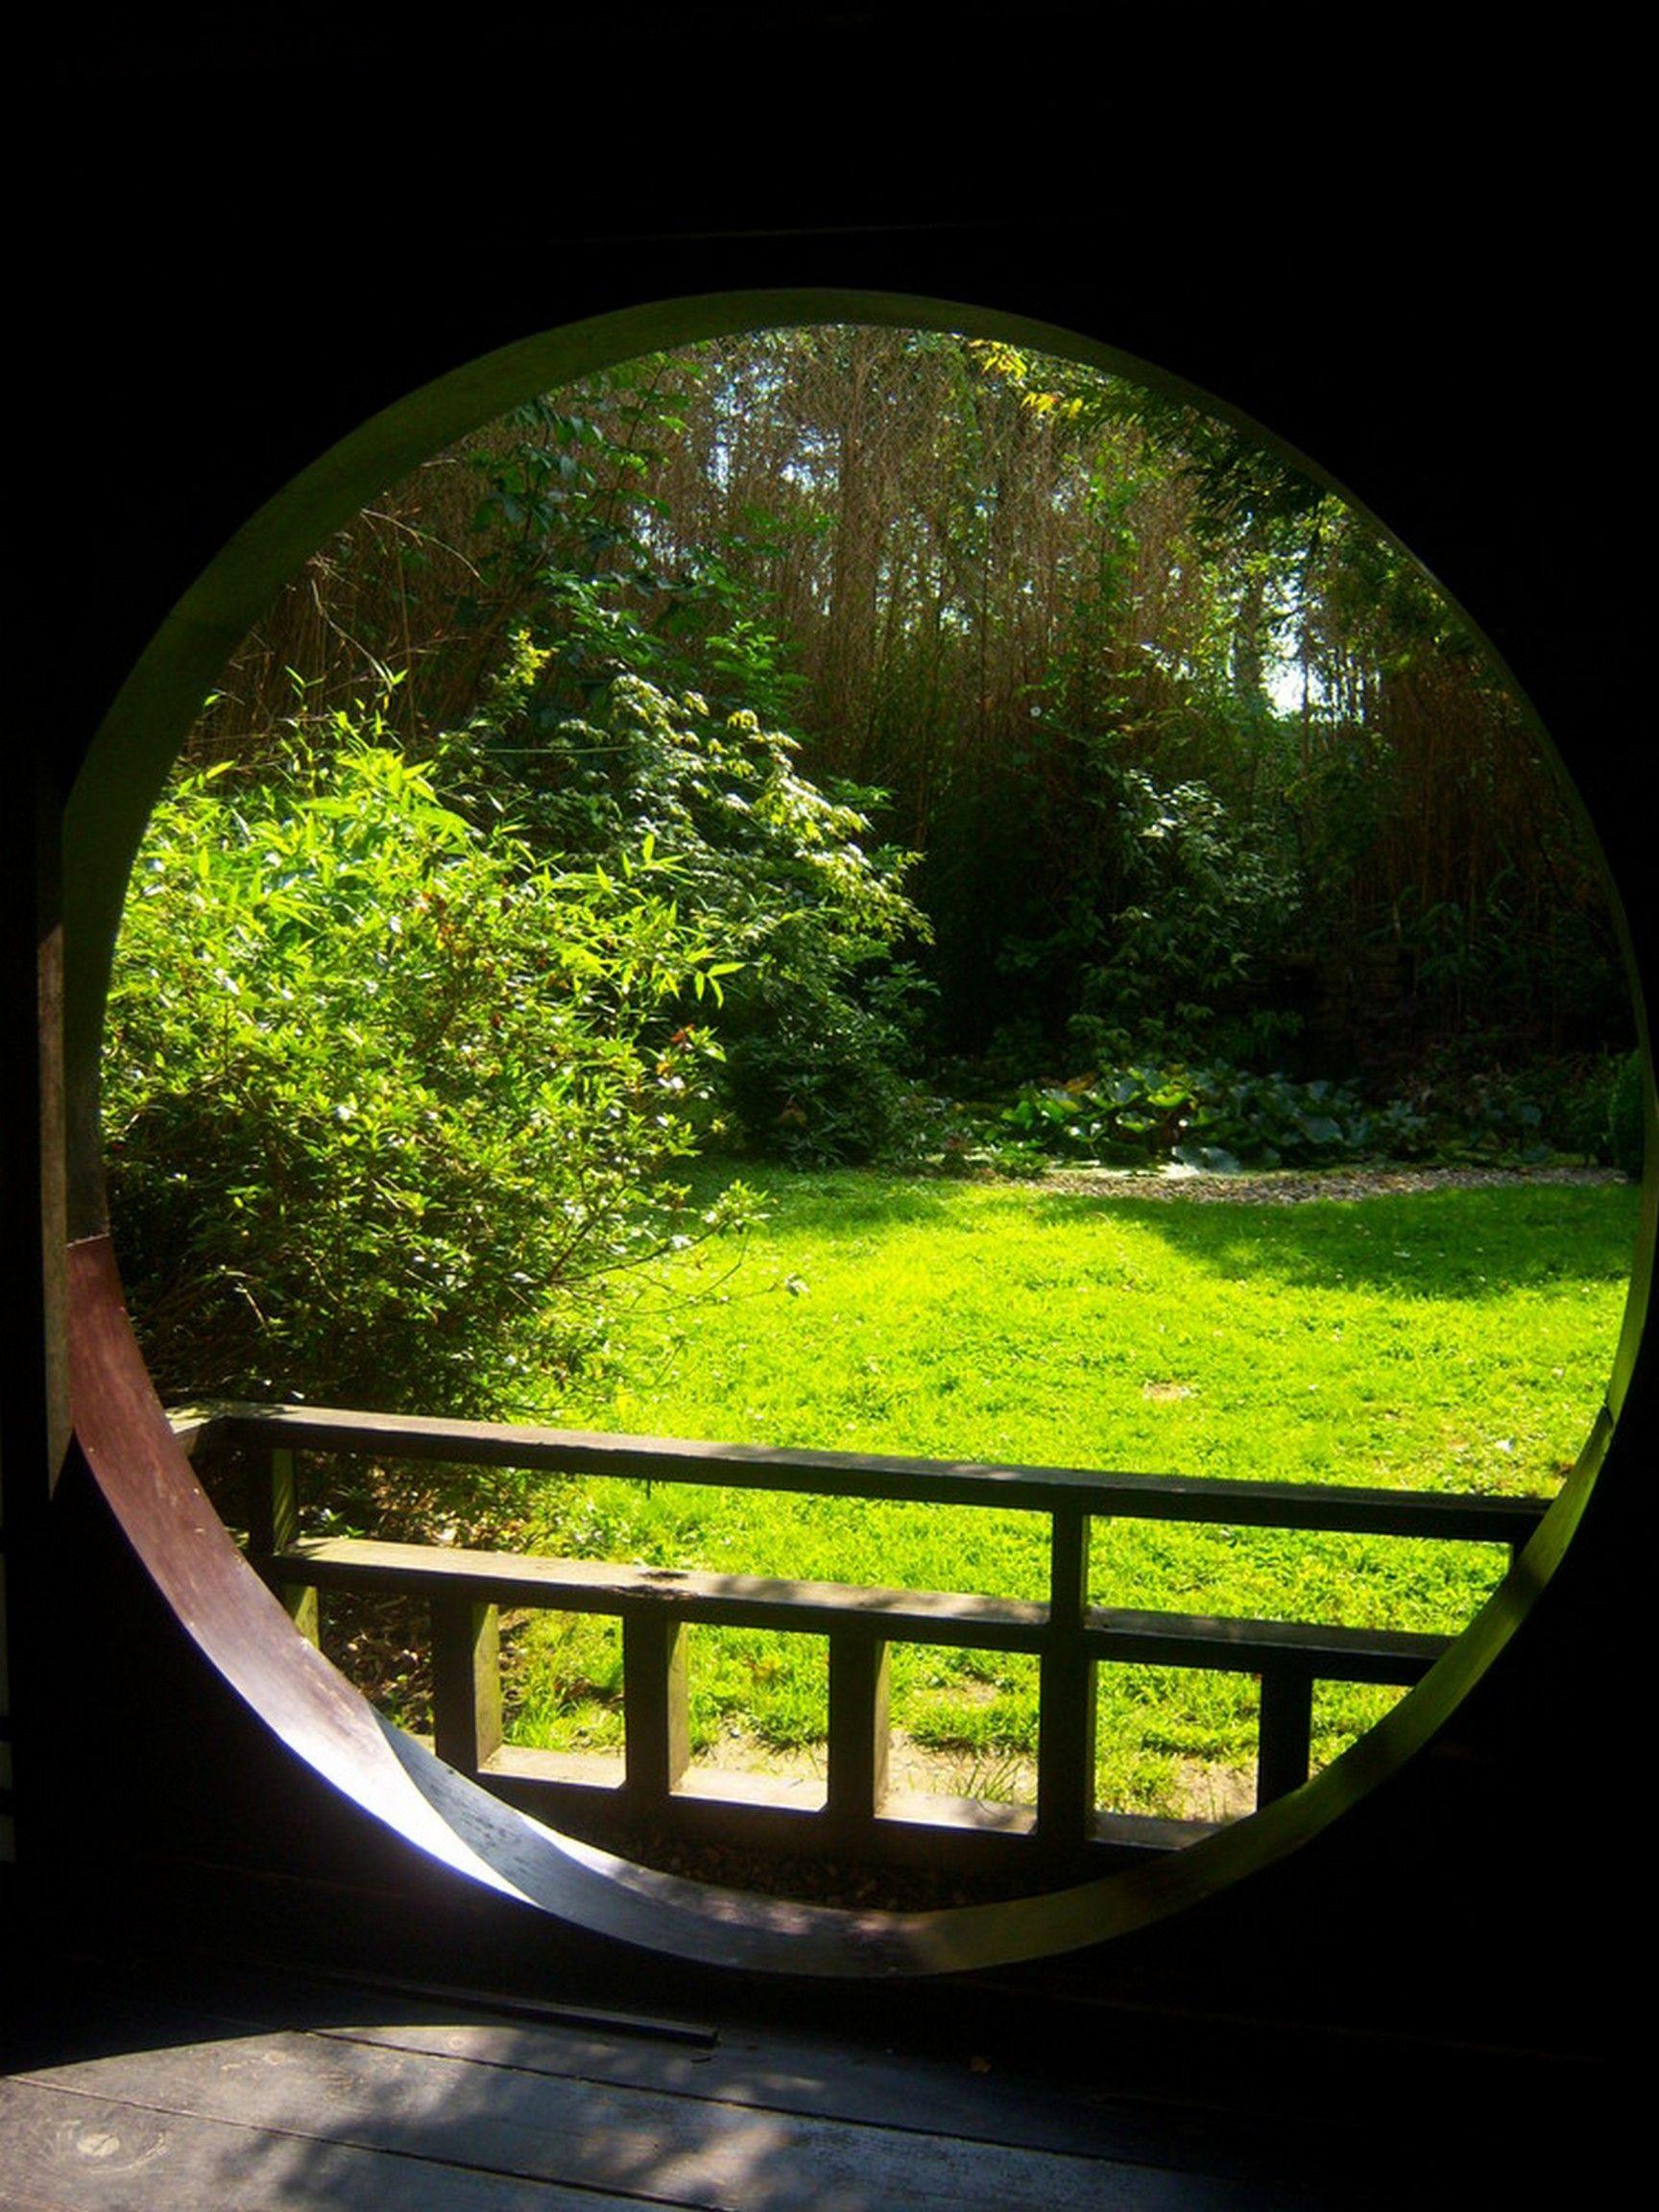 Entr e de jardin zen attitude jardin plantes fleurs pinterest - Deco jardin chinois poitiers ...